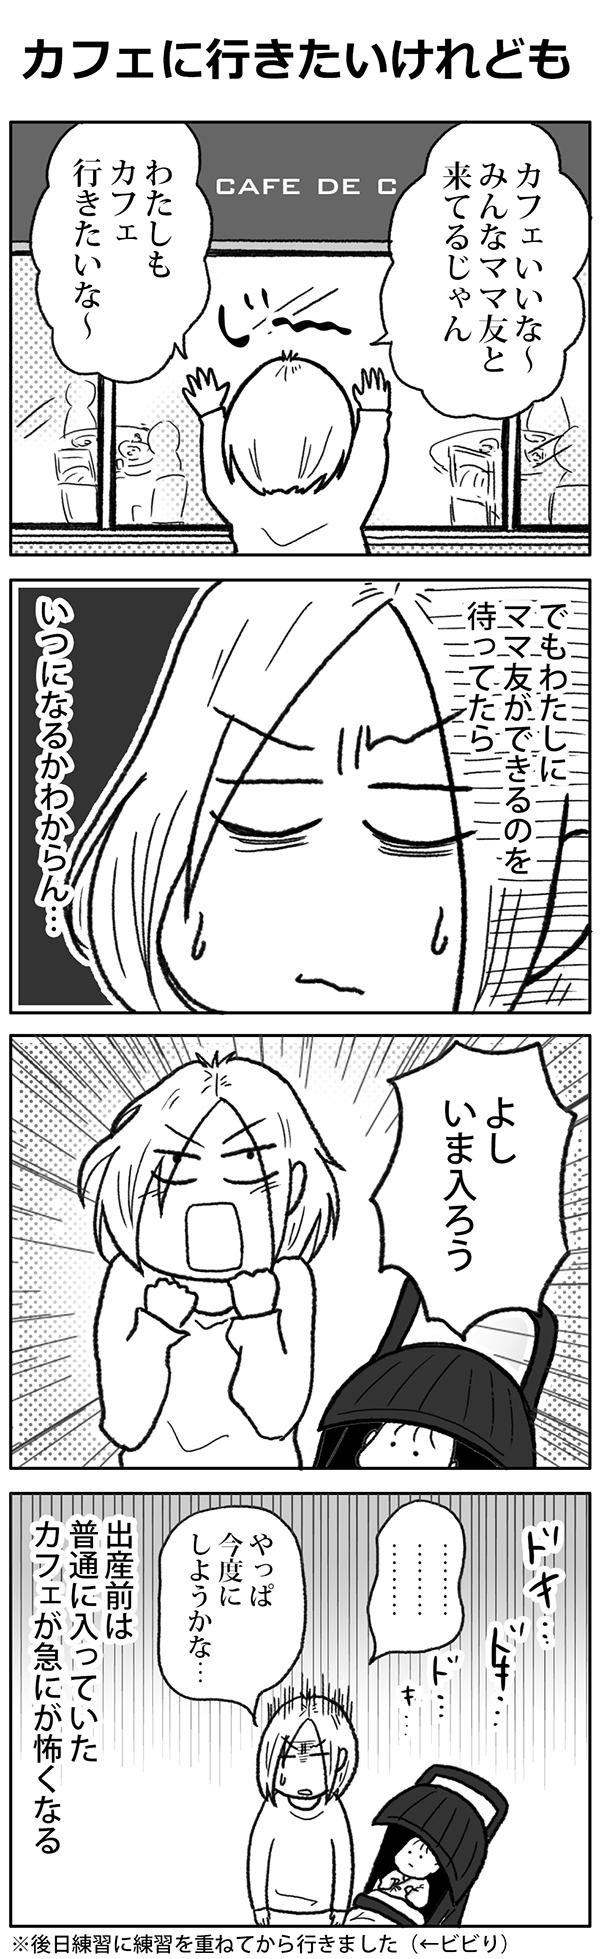 katakrico_93